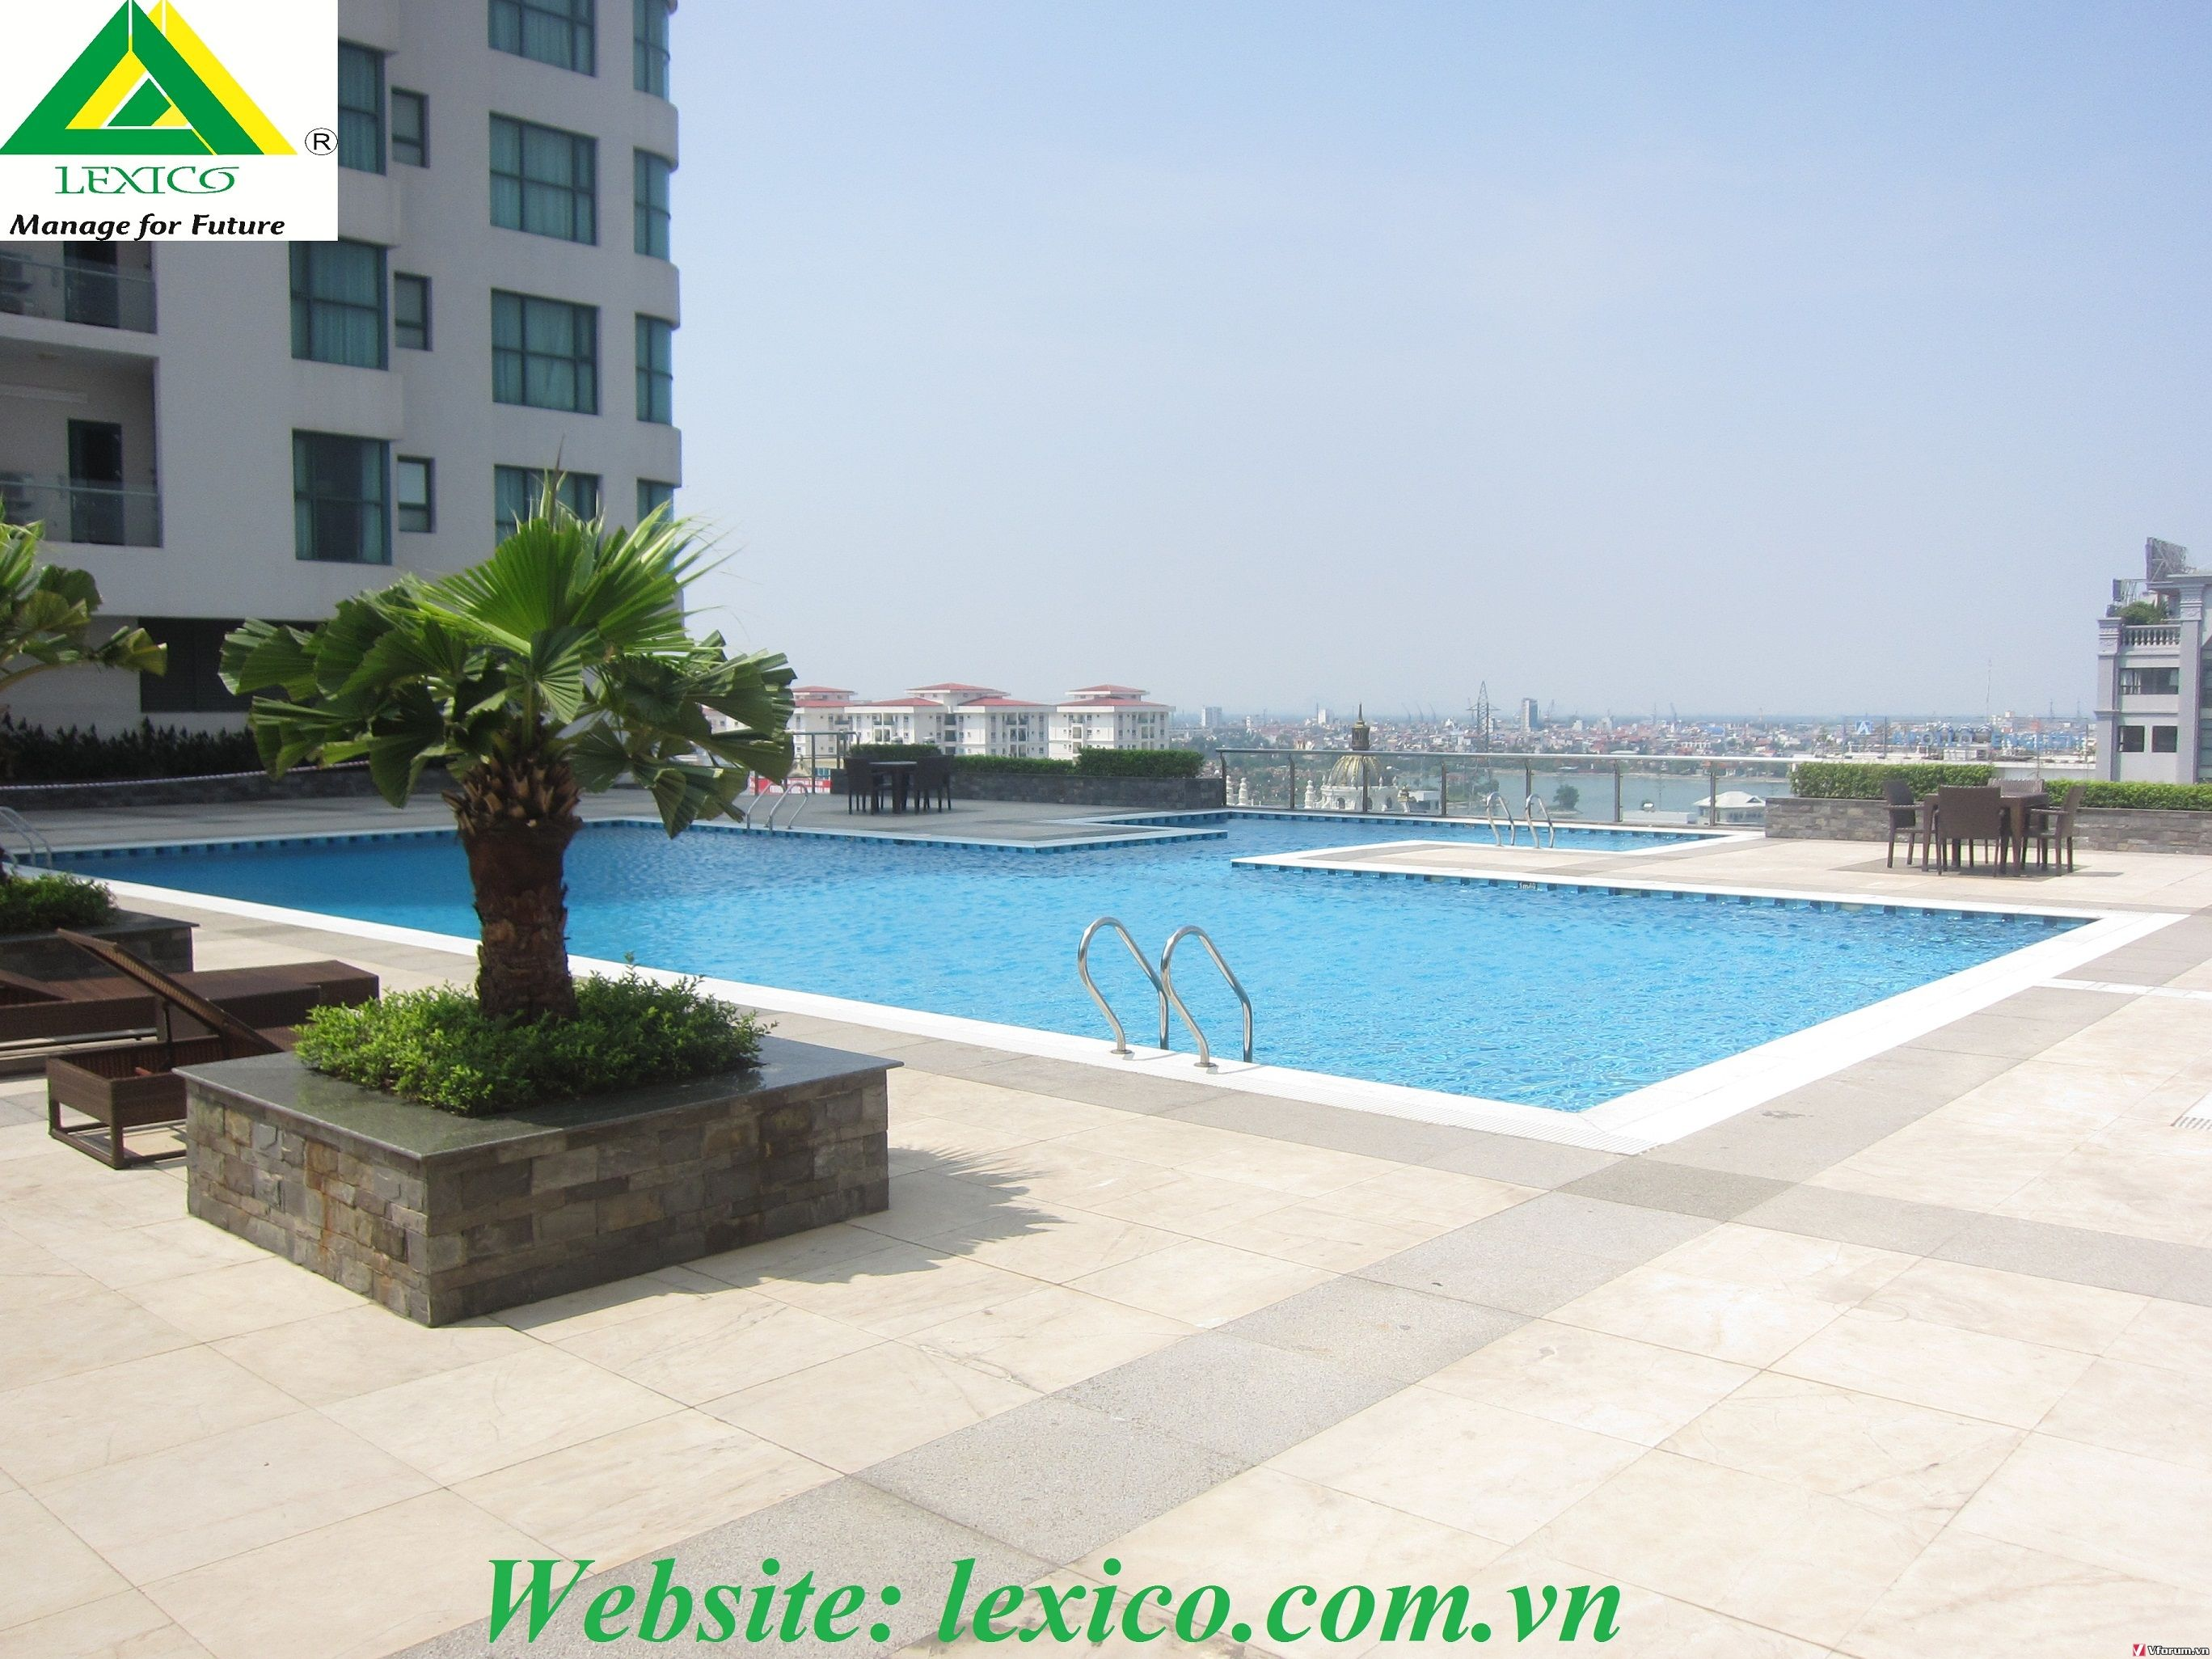 www.123nhanh.com: Căn hộ cao cấp 155m2 với 2 phòng ngủ tại TD Plaza